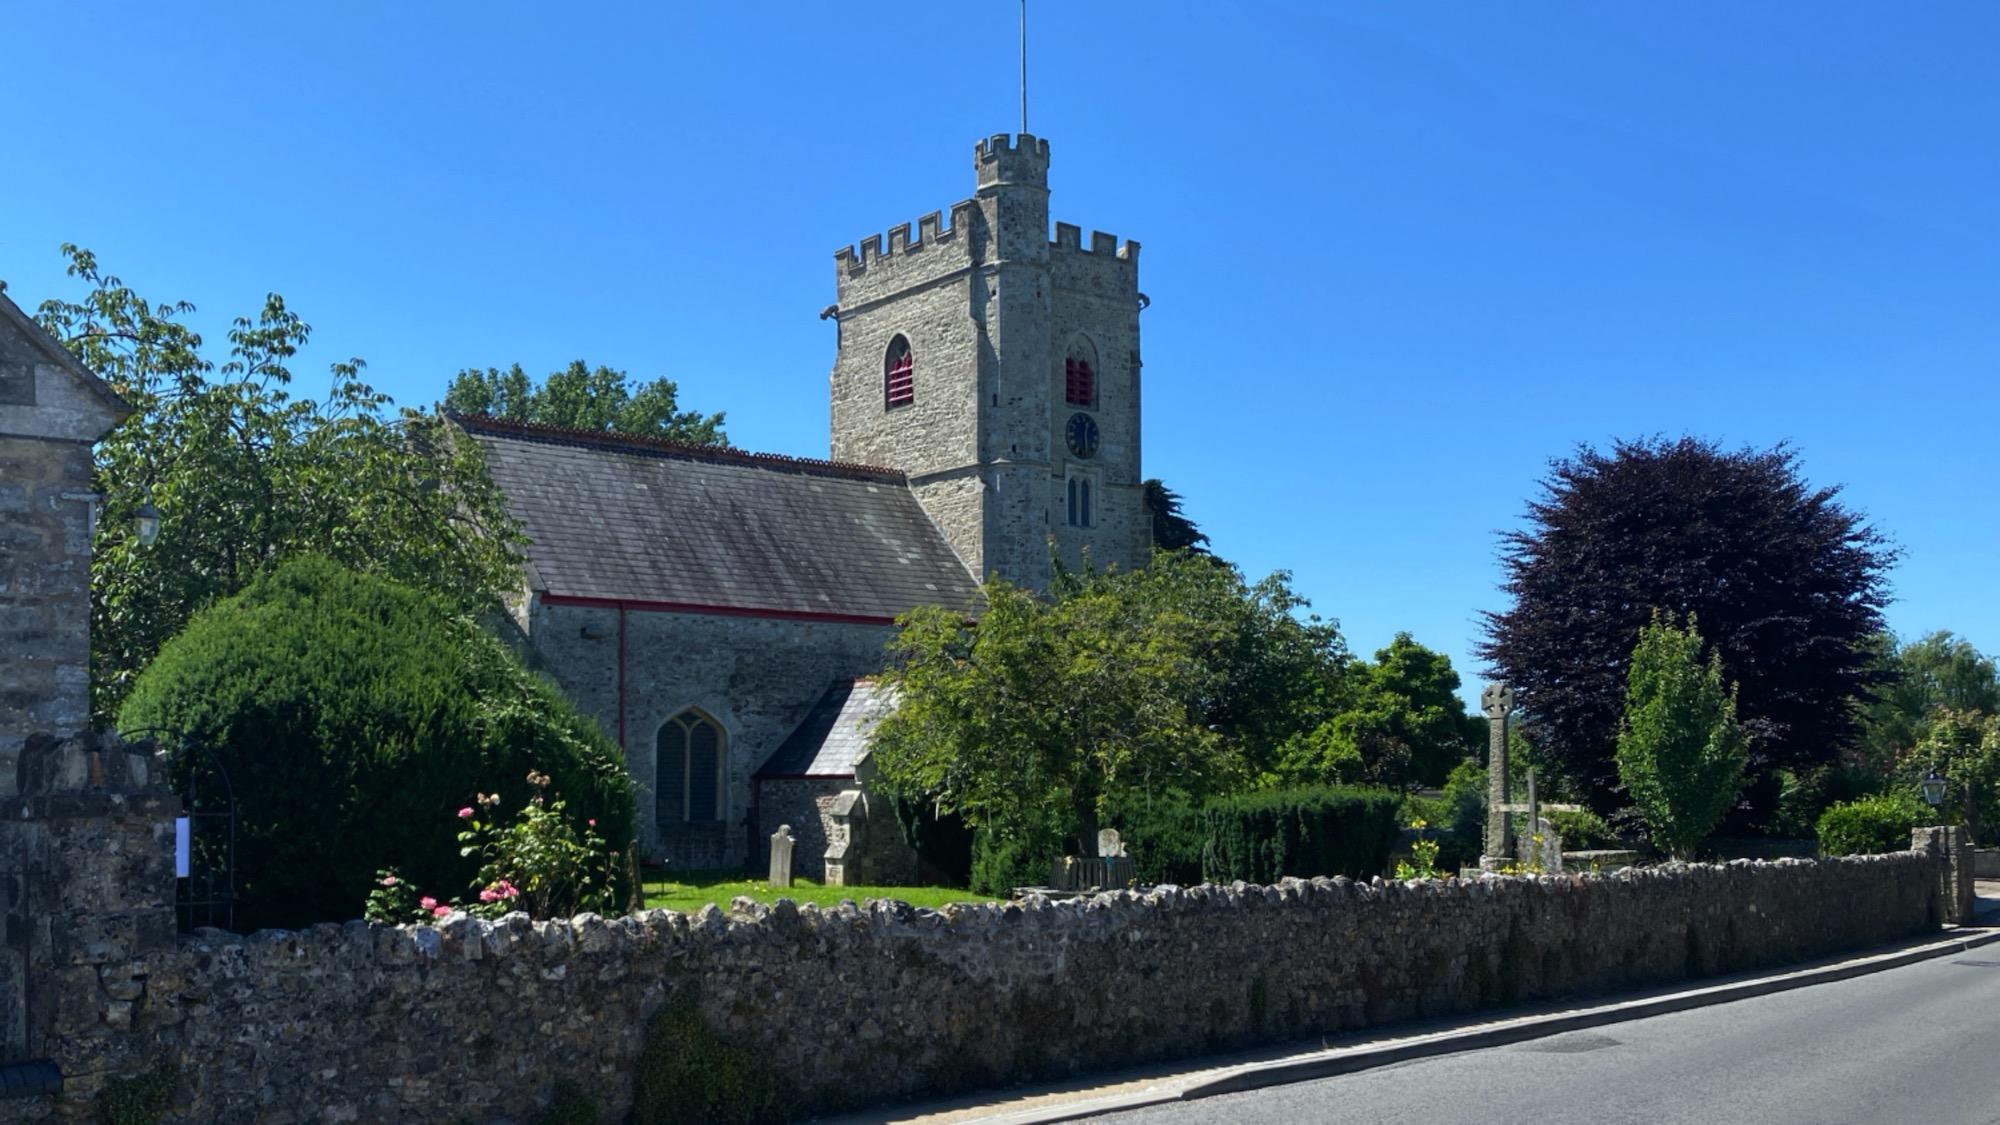 Axmouth Church